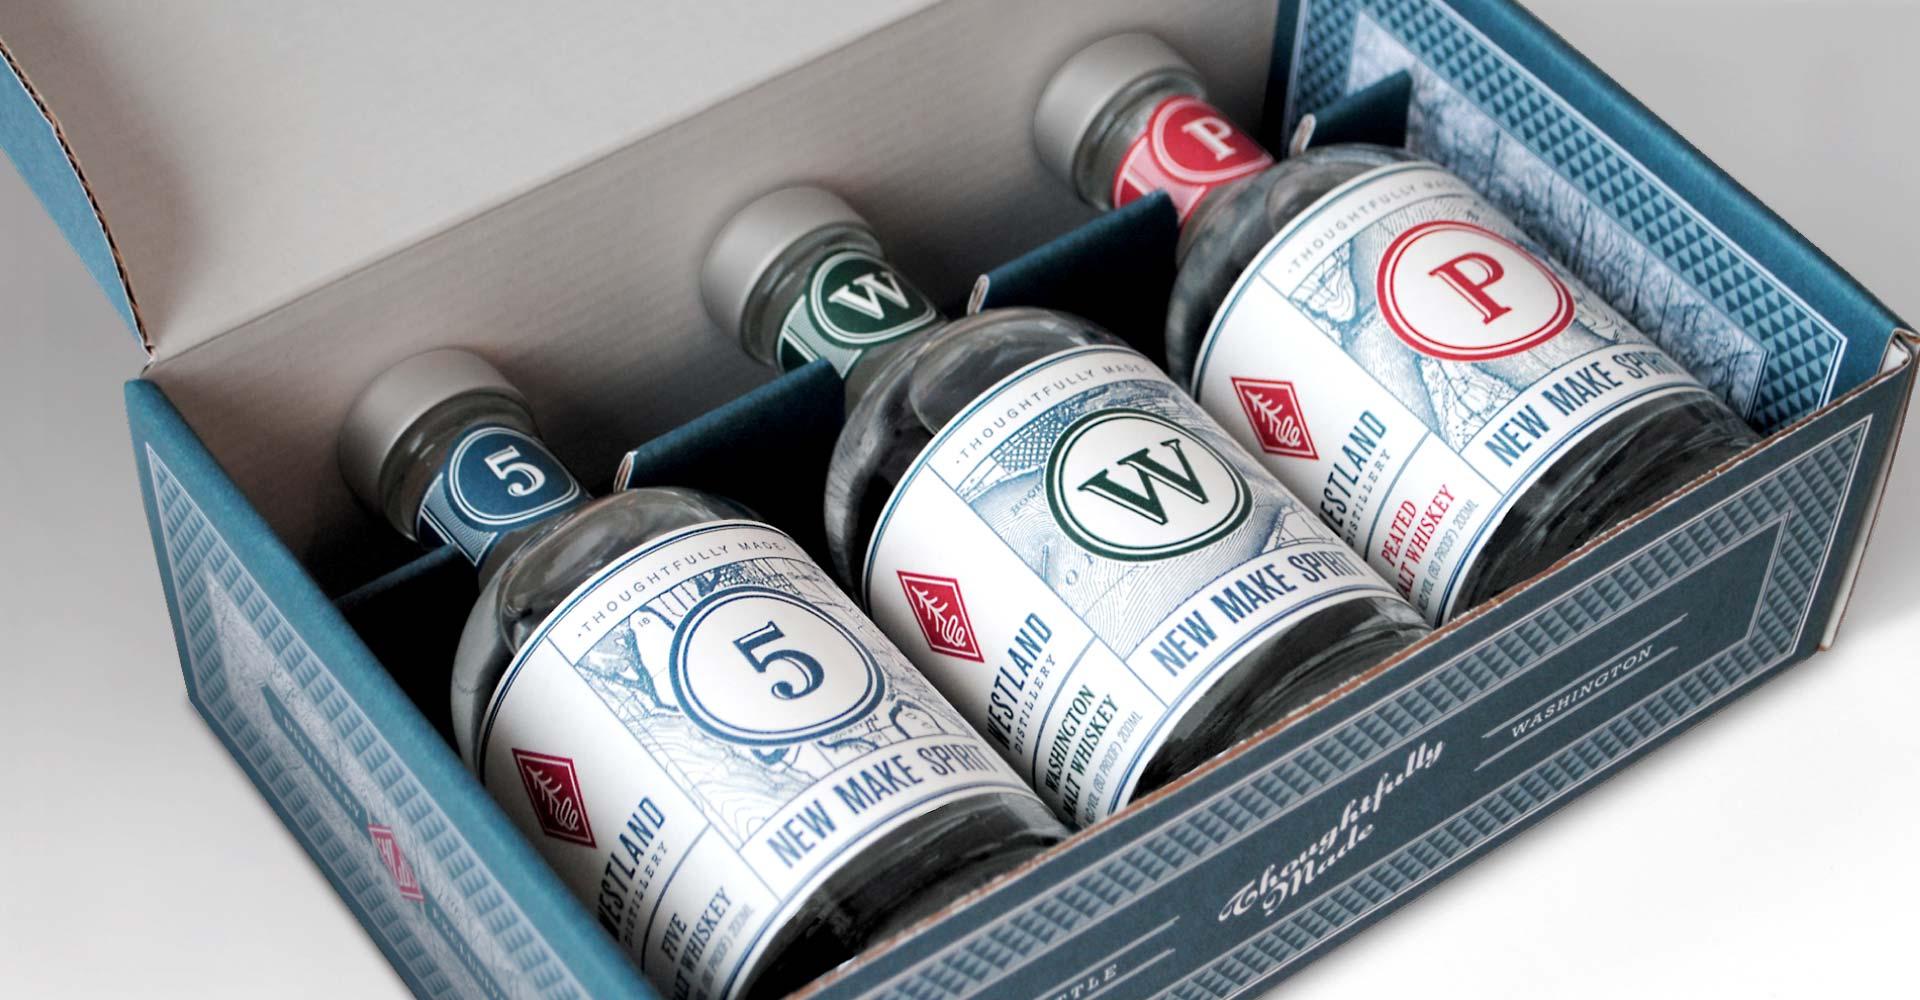 Creative_Retail_Packaging_Custom_Beverage_Westland_Distillery_03.jpg